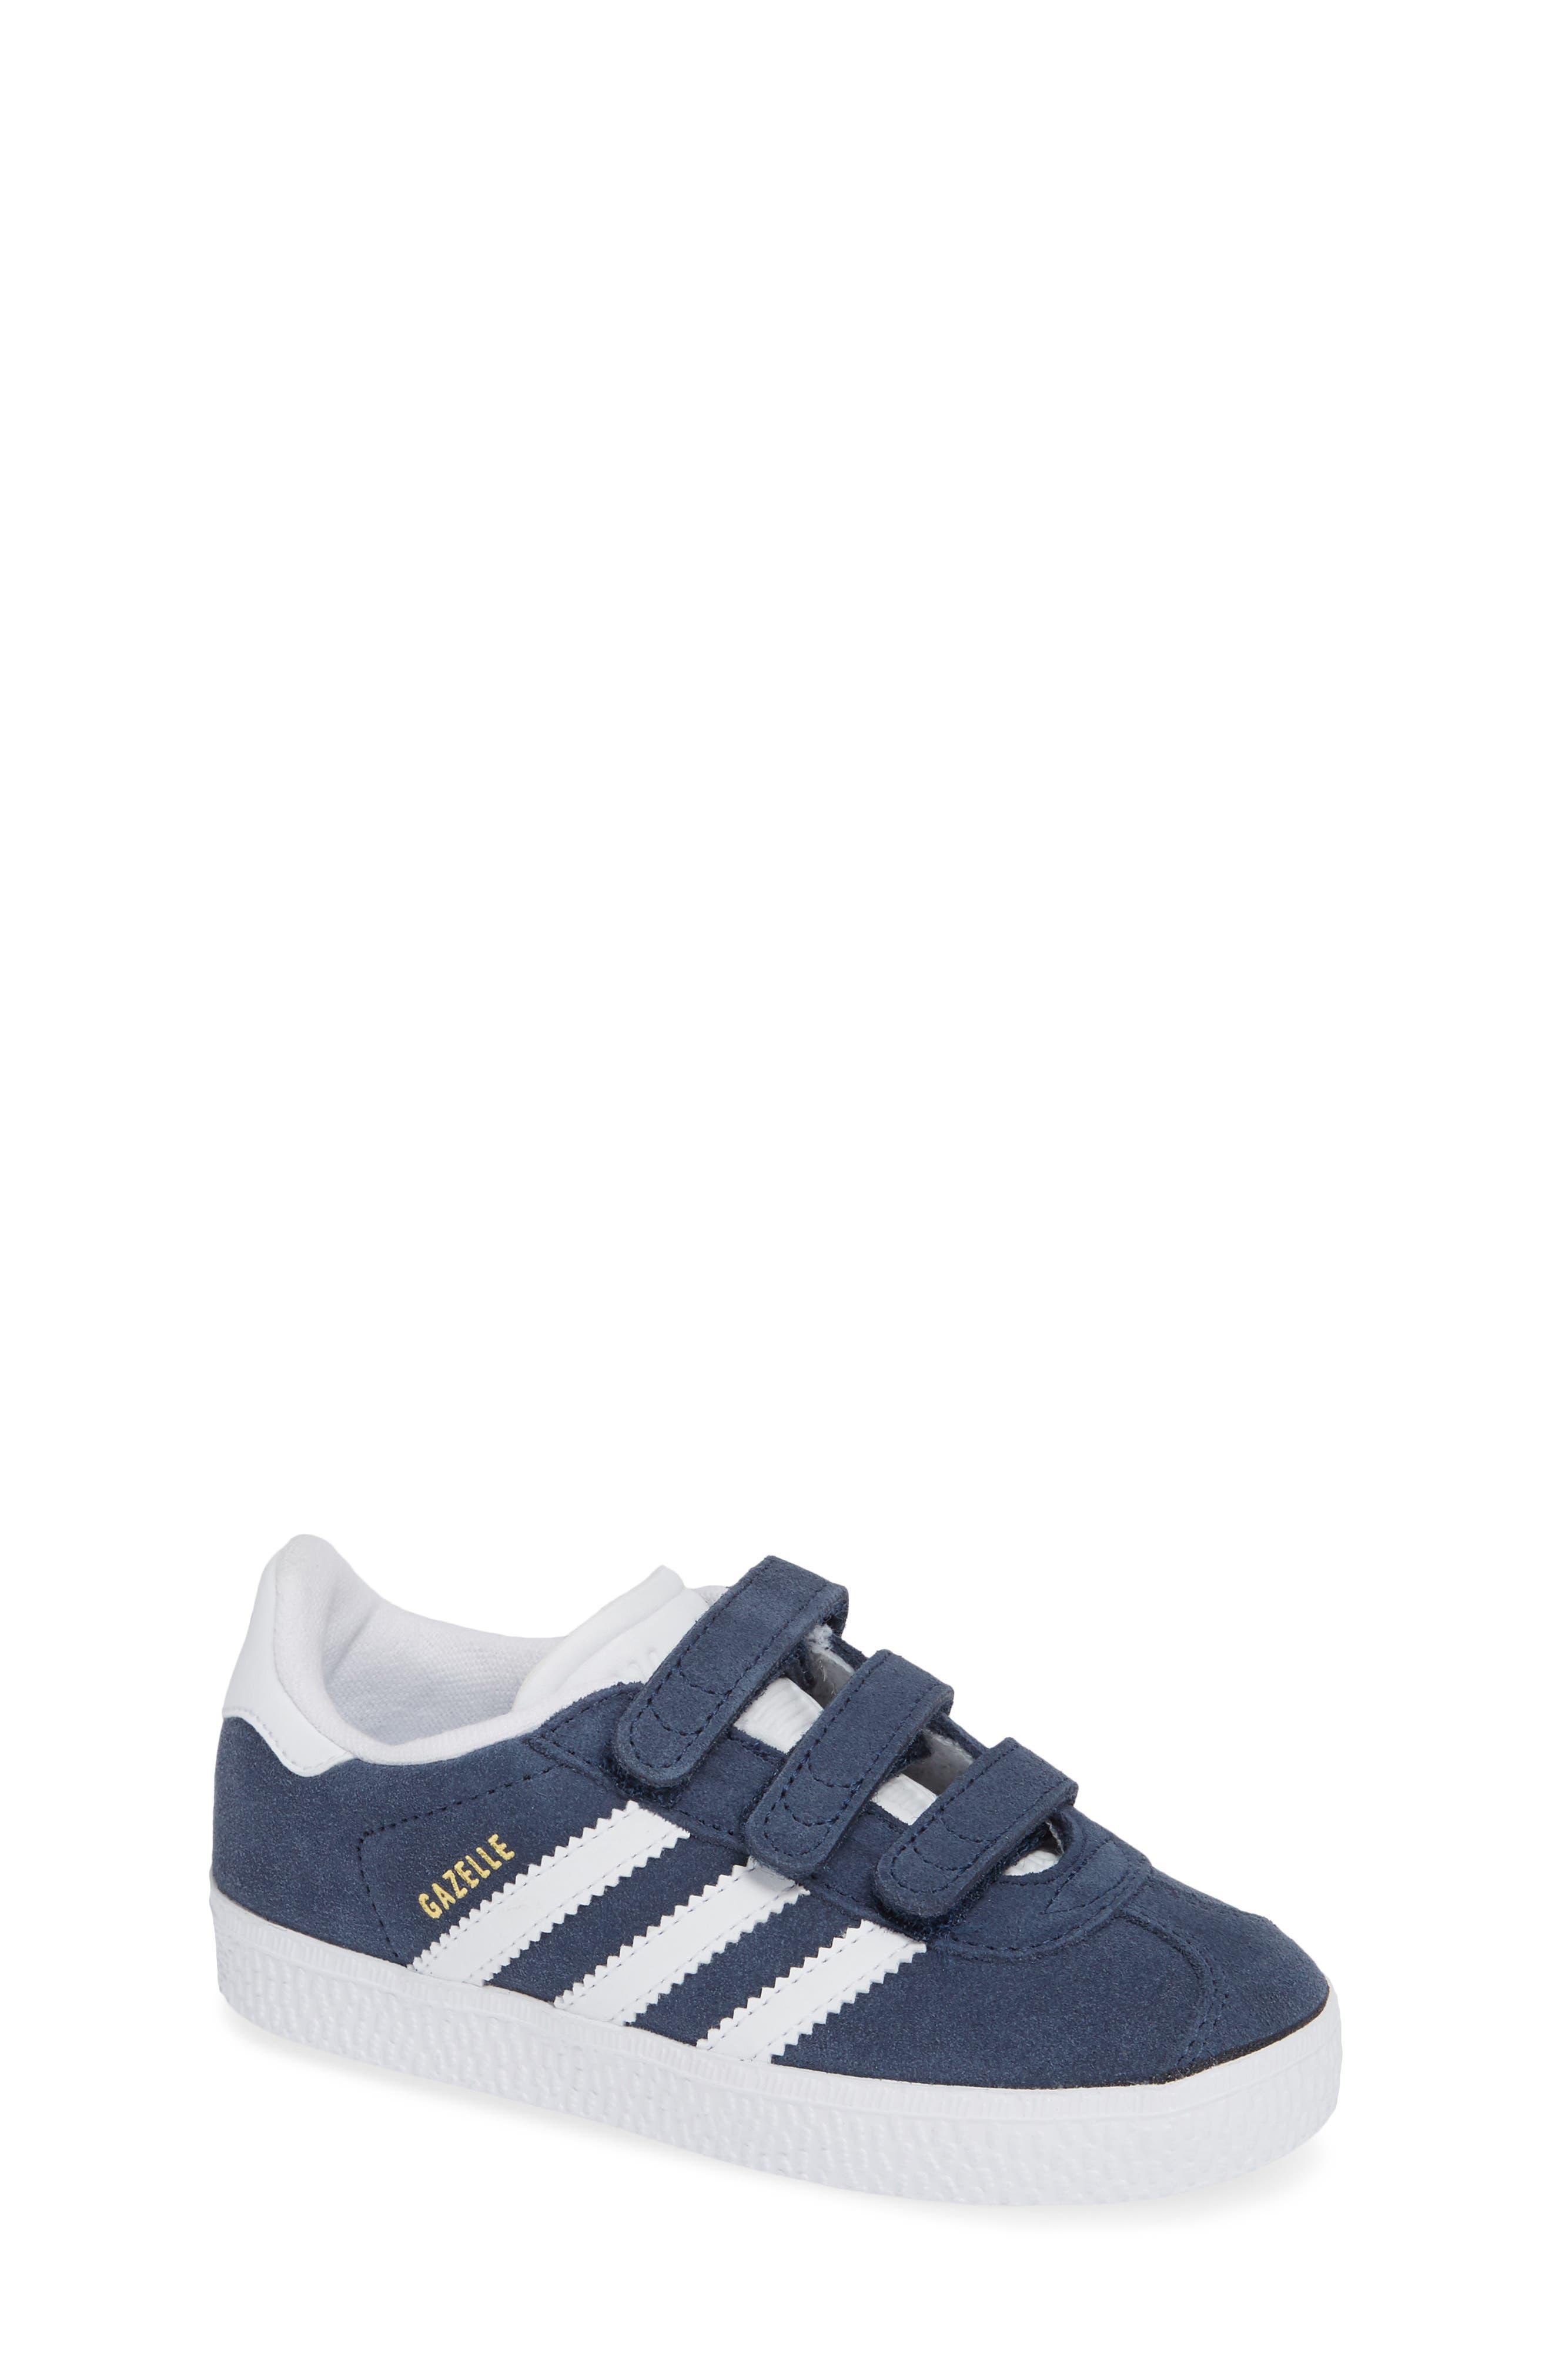 Gazelle Sneaker,                         Main,                         color, NAVY/ WHITE